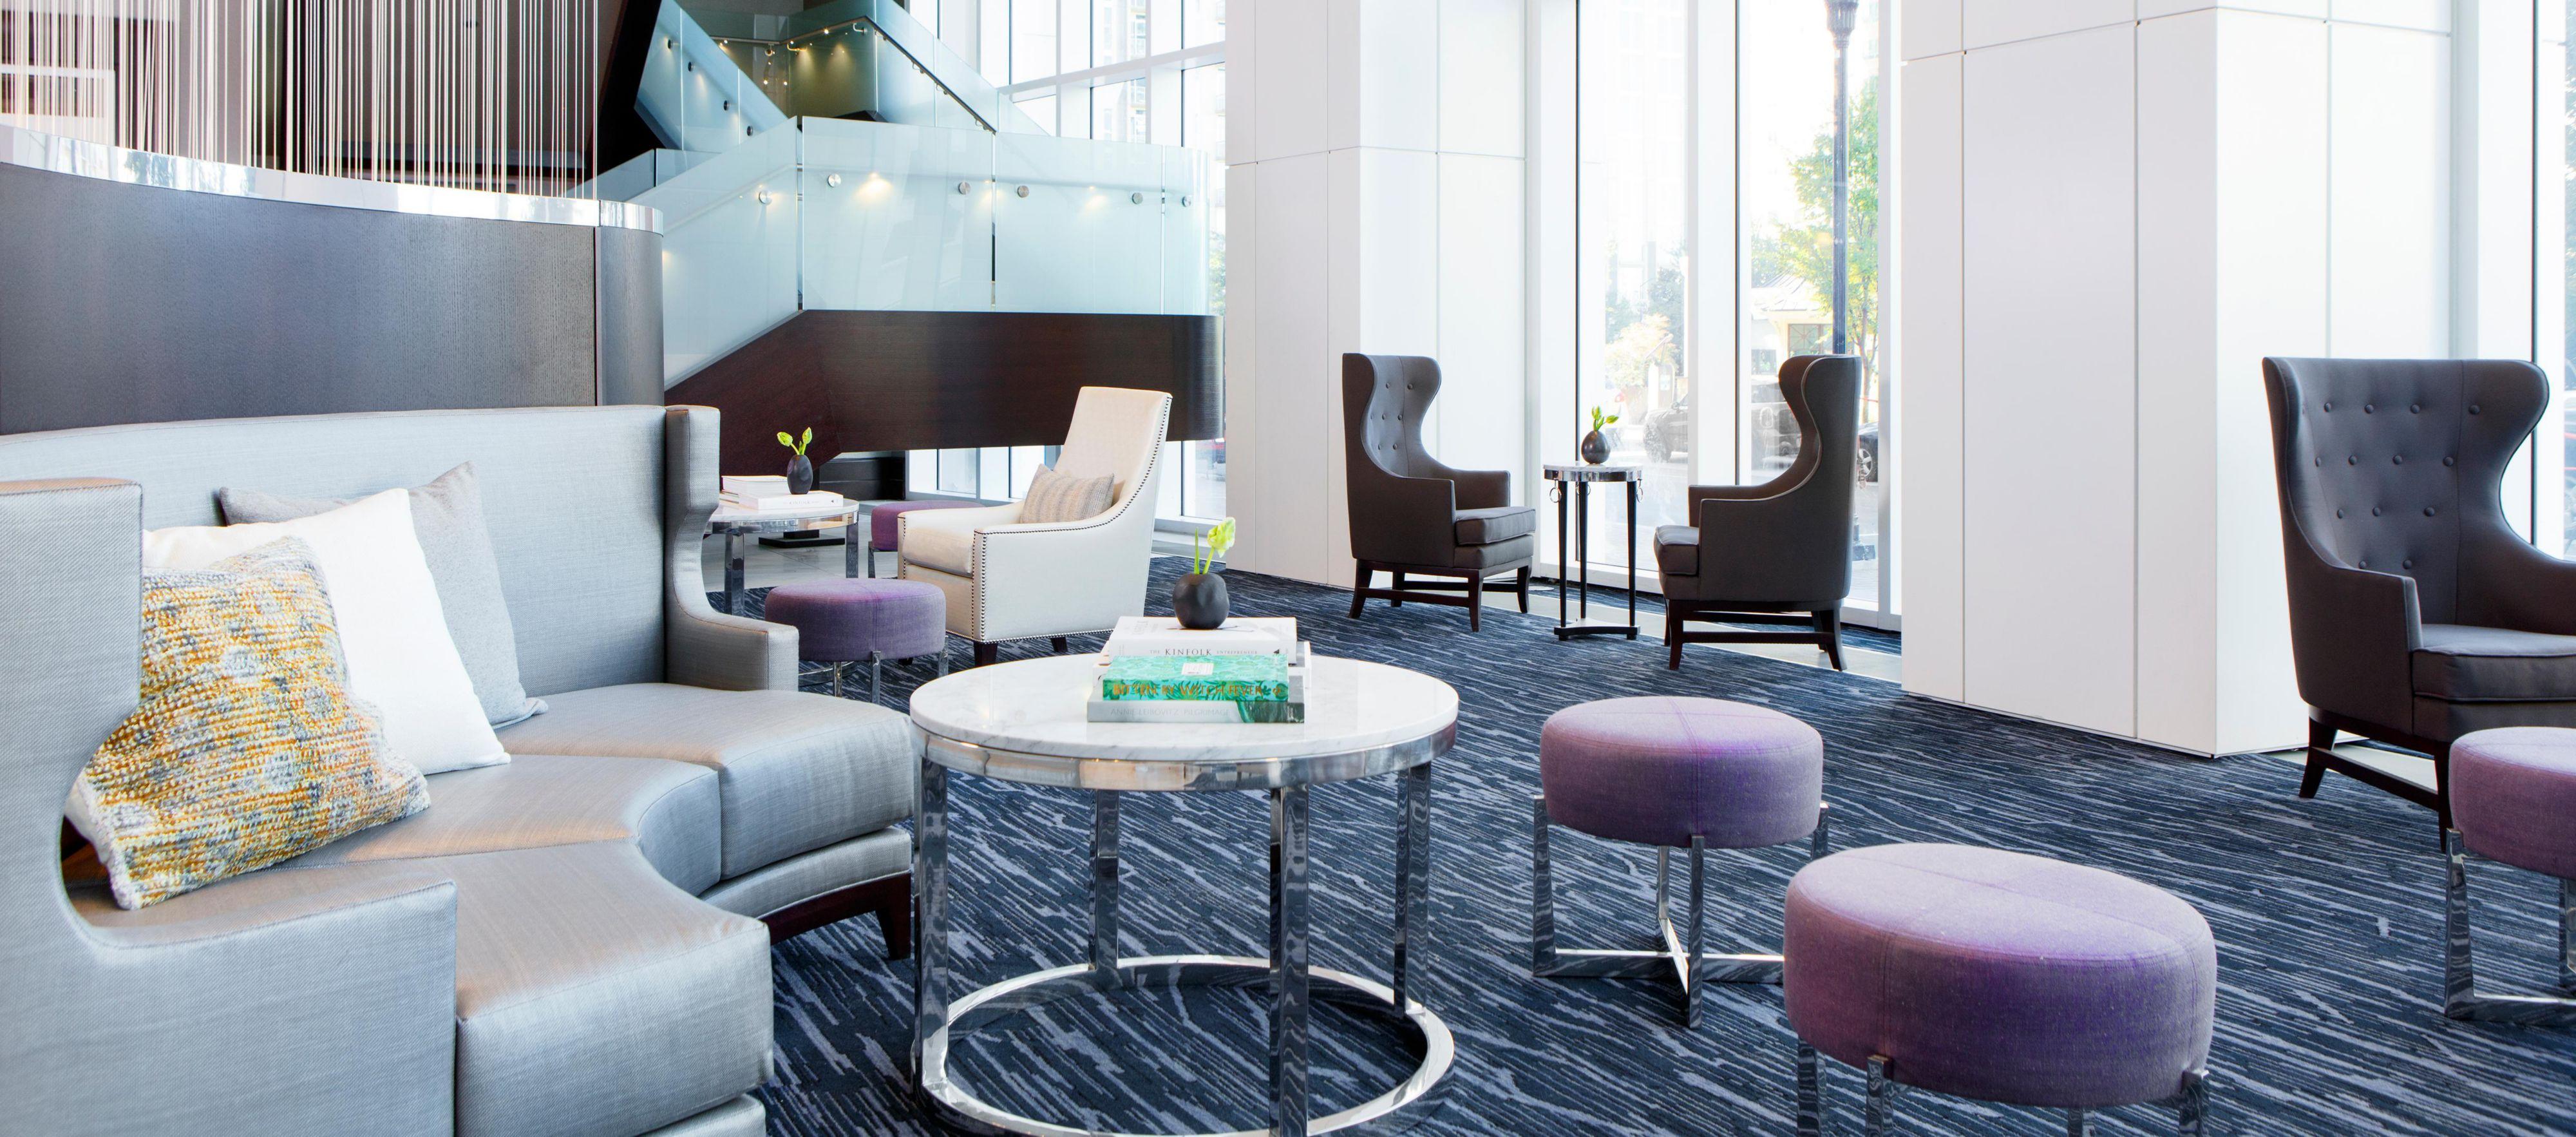 Kimpton Charlotte 5319344427 34x15 Tryon Park Hotel